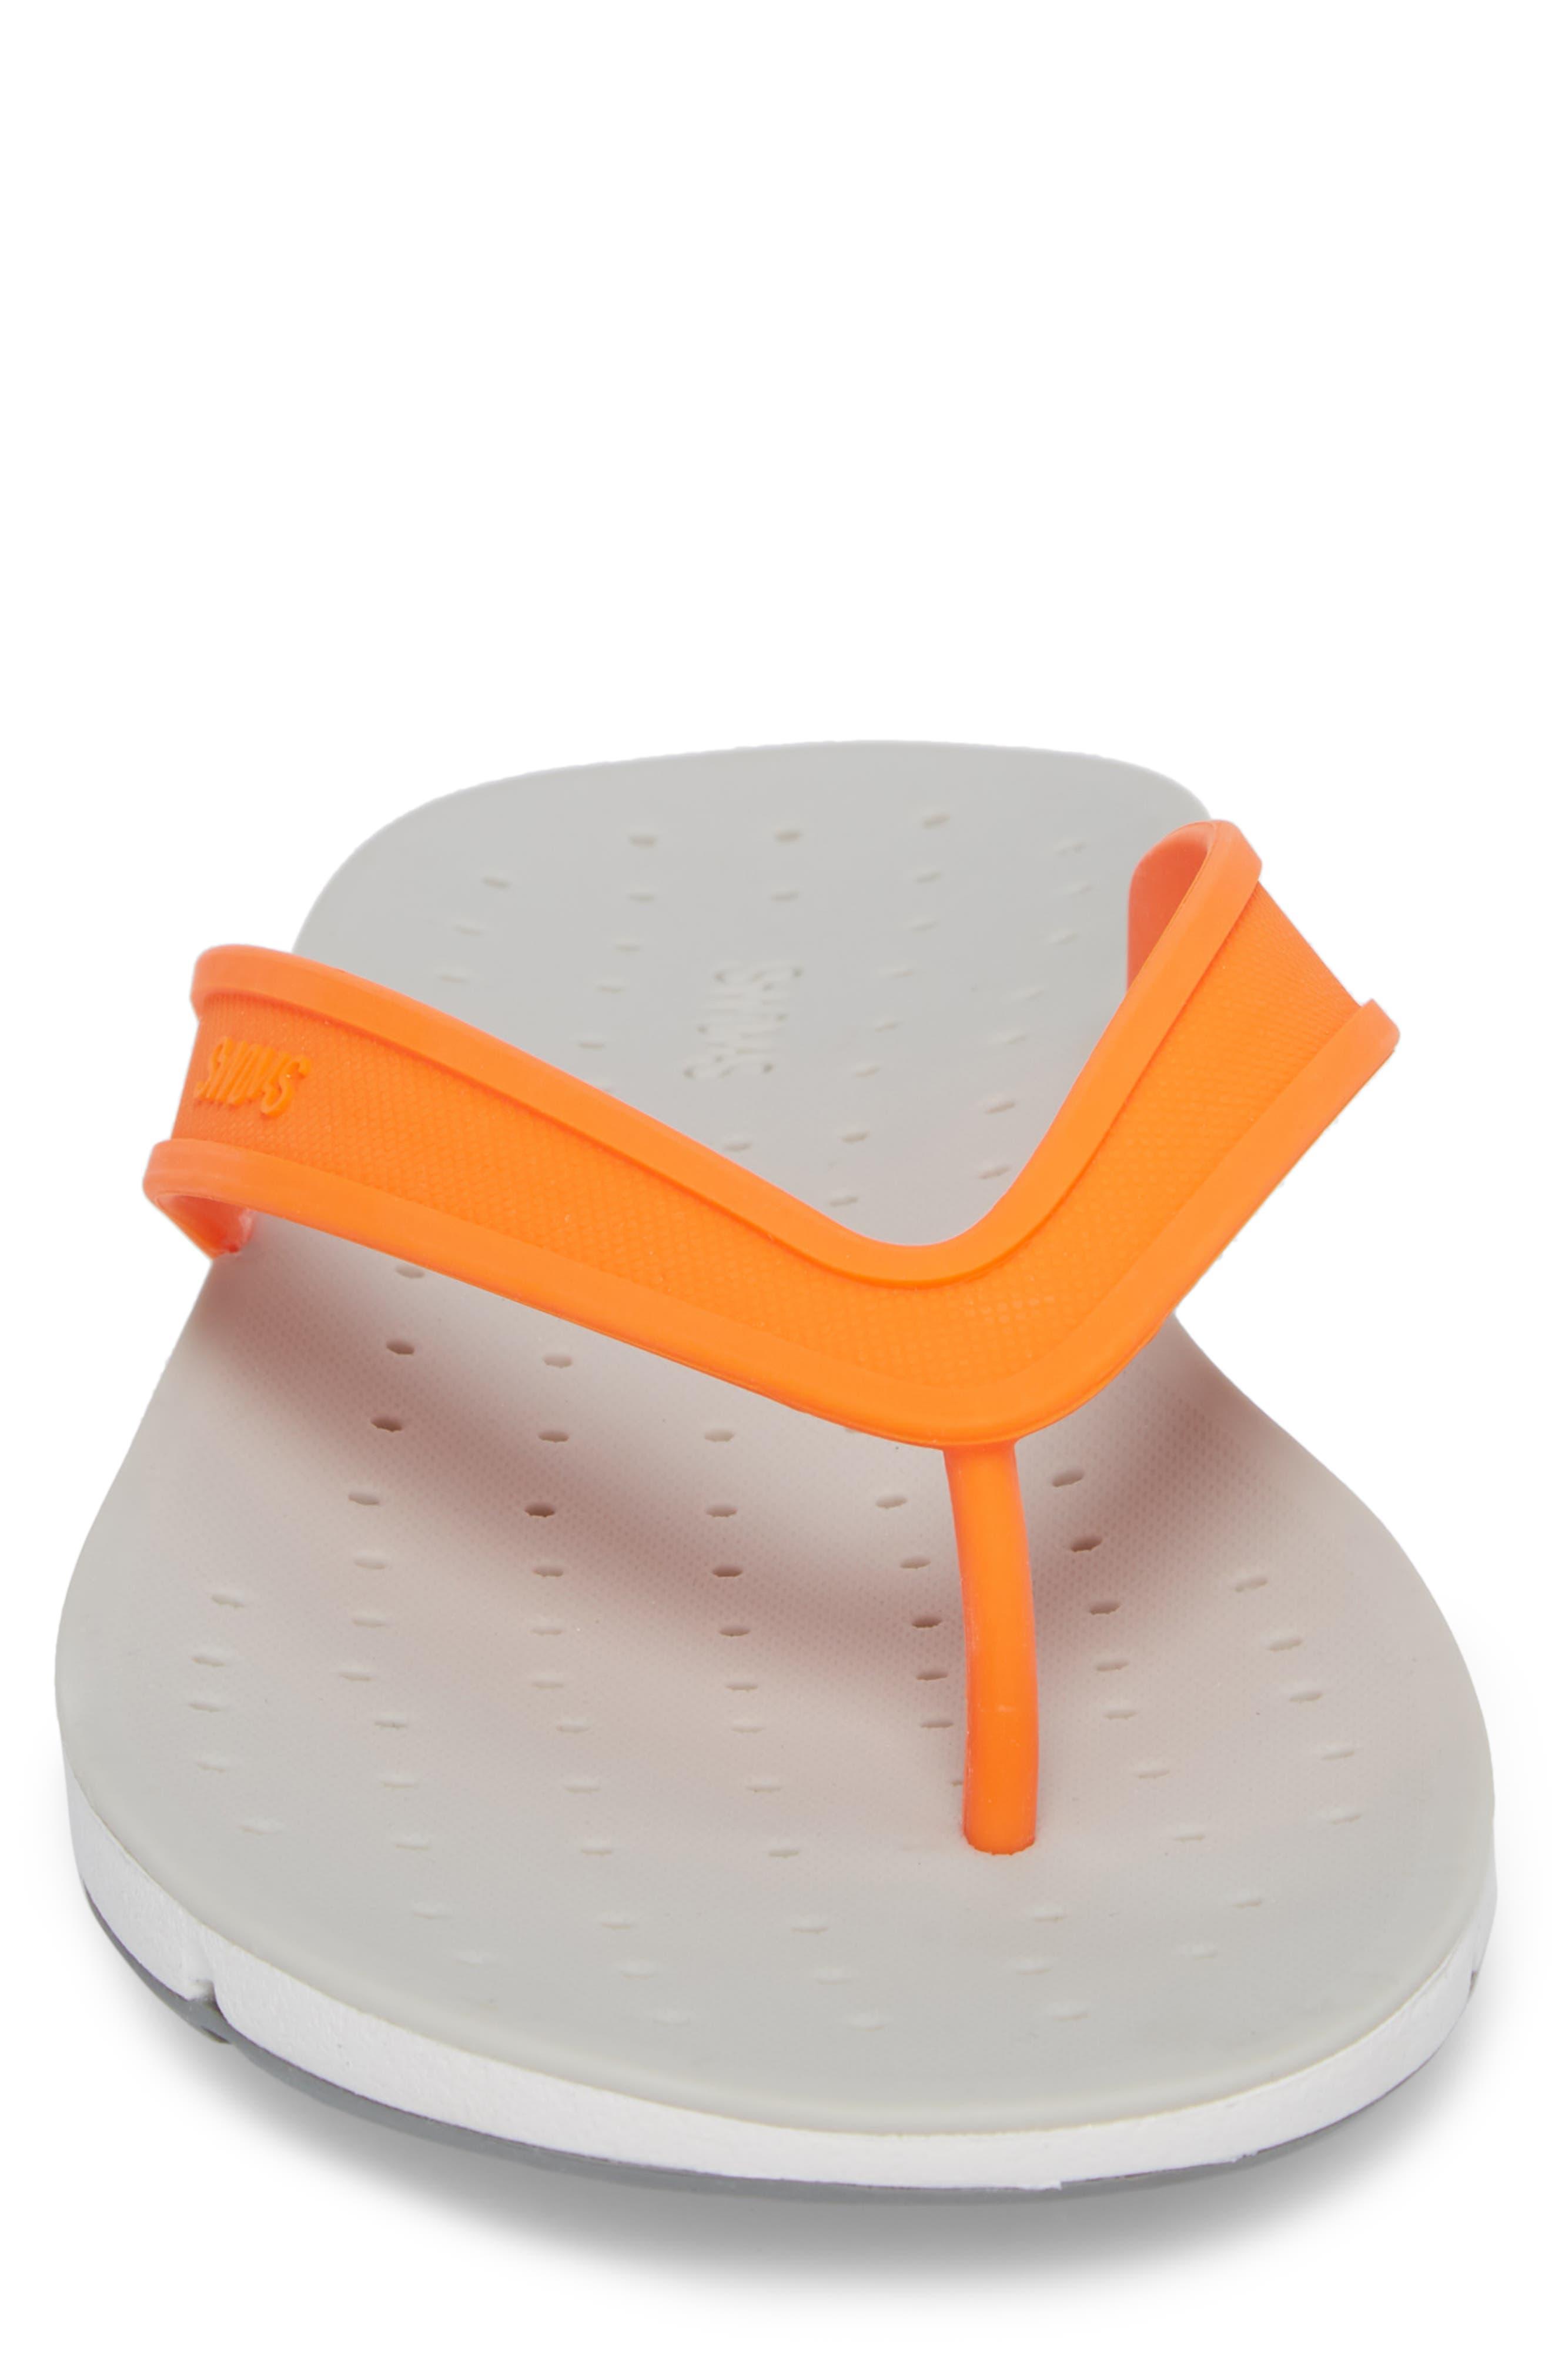 Breeze Flip Flop,                             Alternate thumbnail 4, color,                             Orange/ White/ Grey Fabric